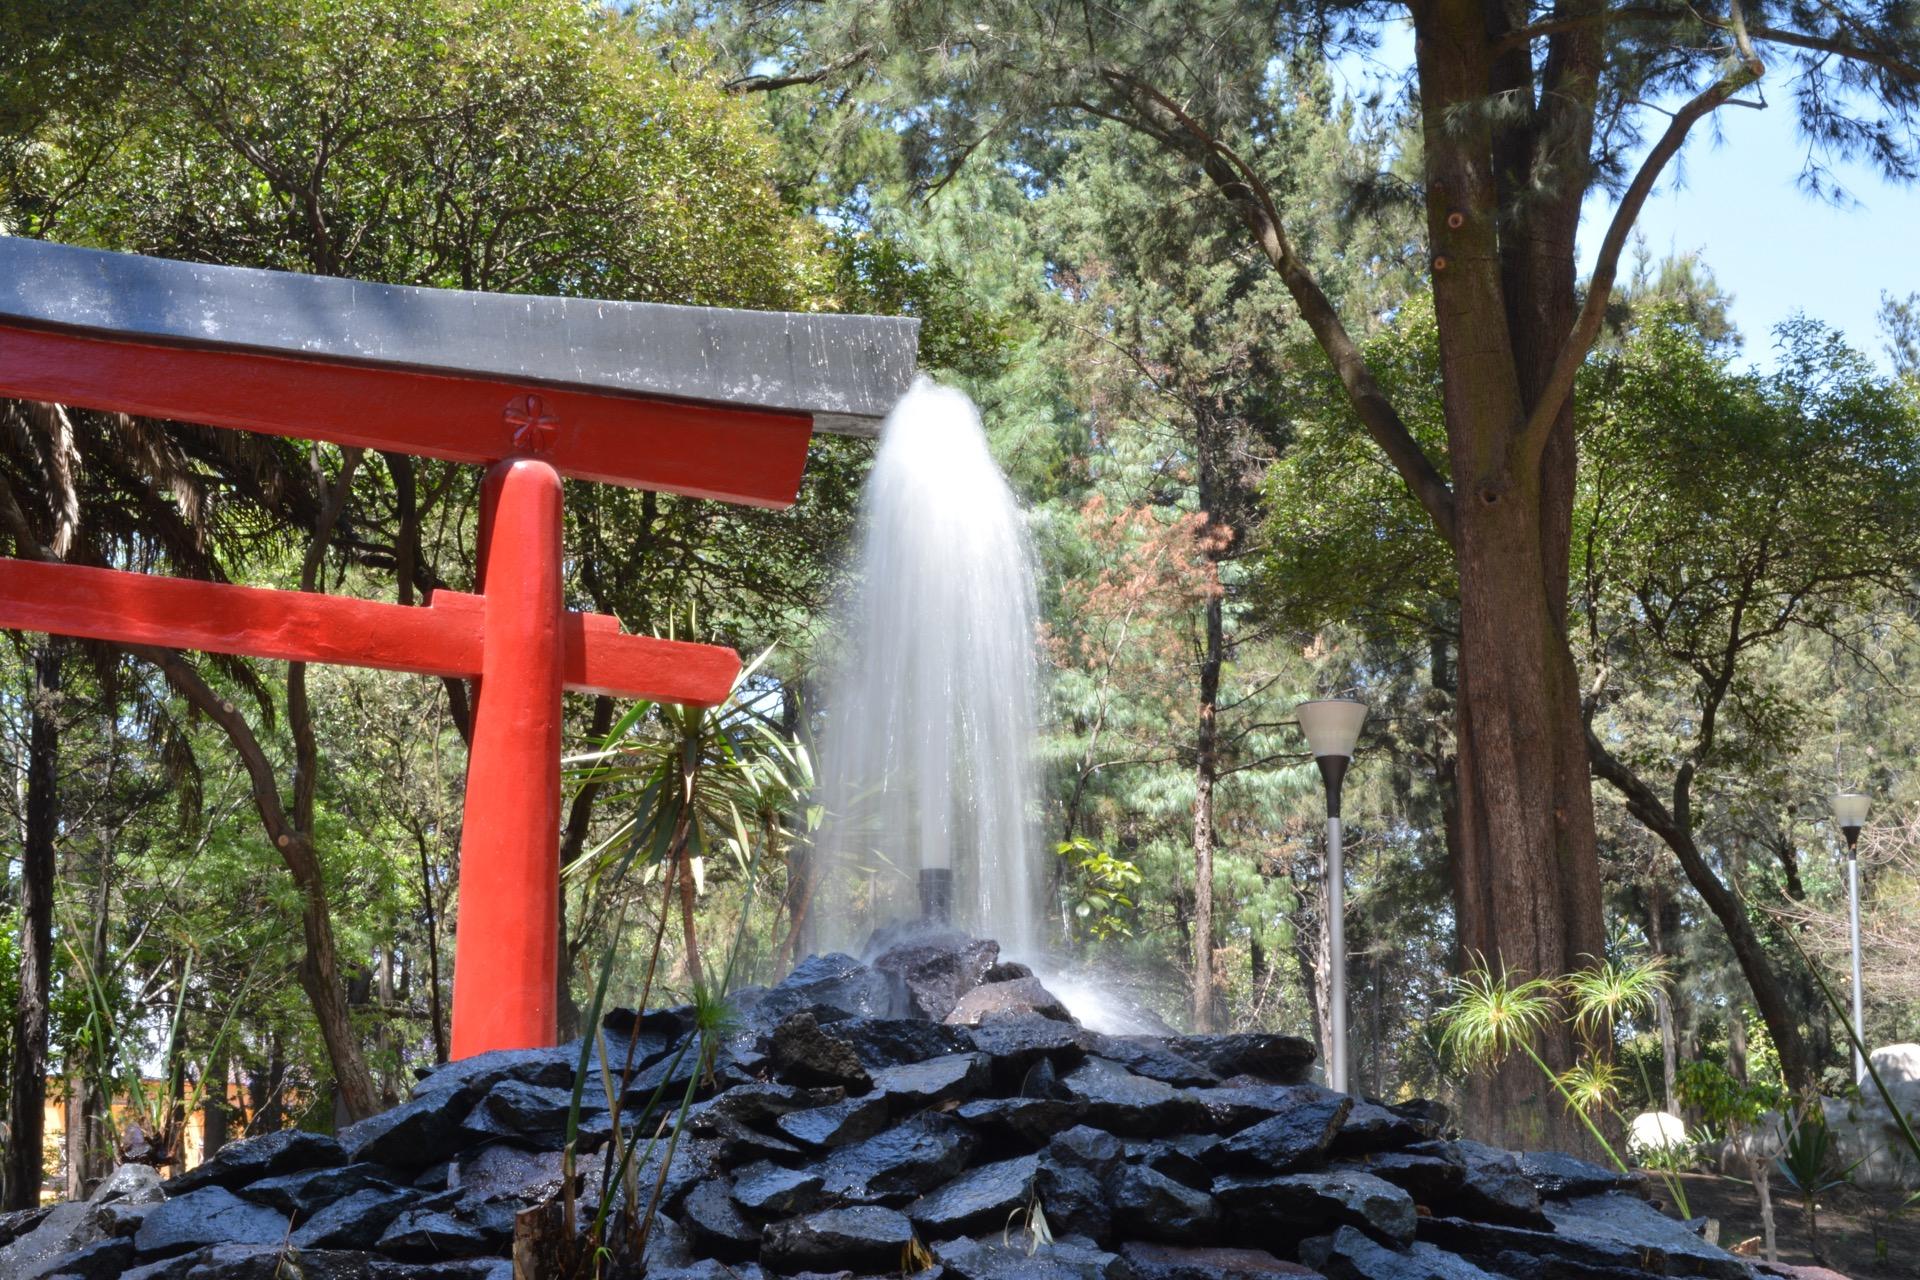 Parque-Masayoshi-Ohira-45